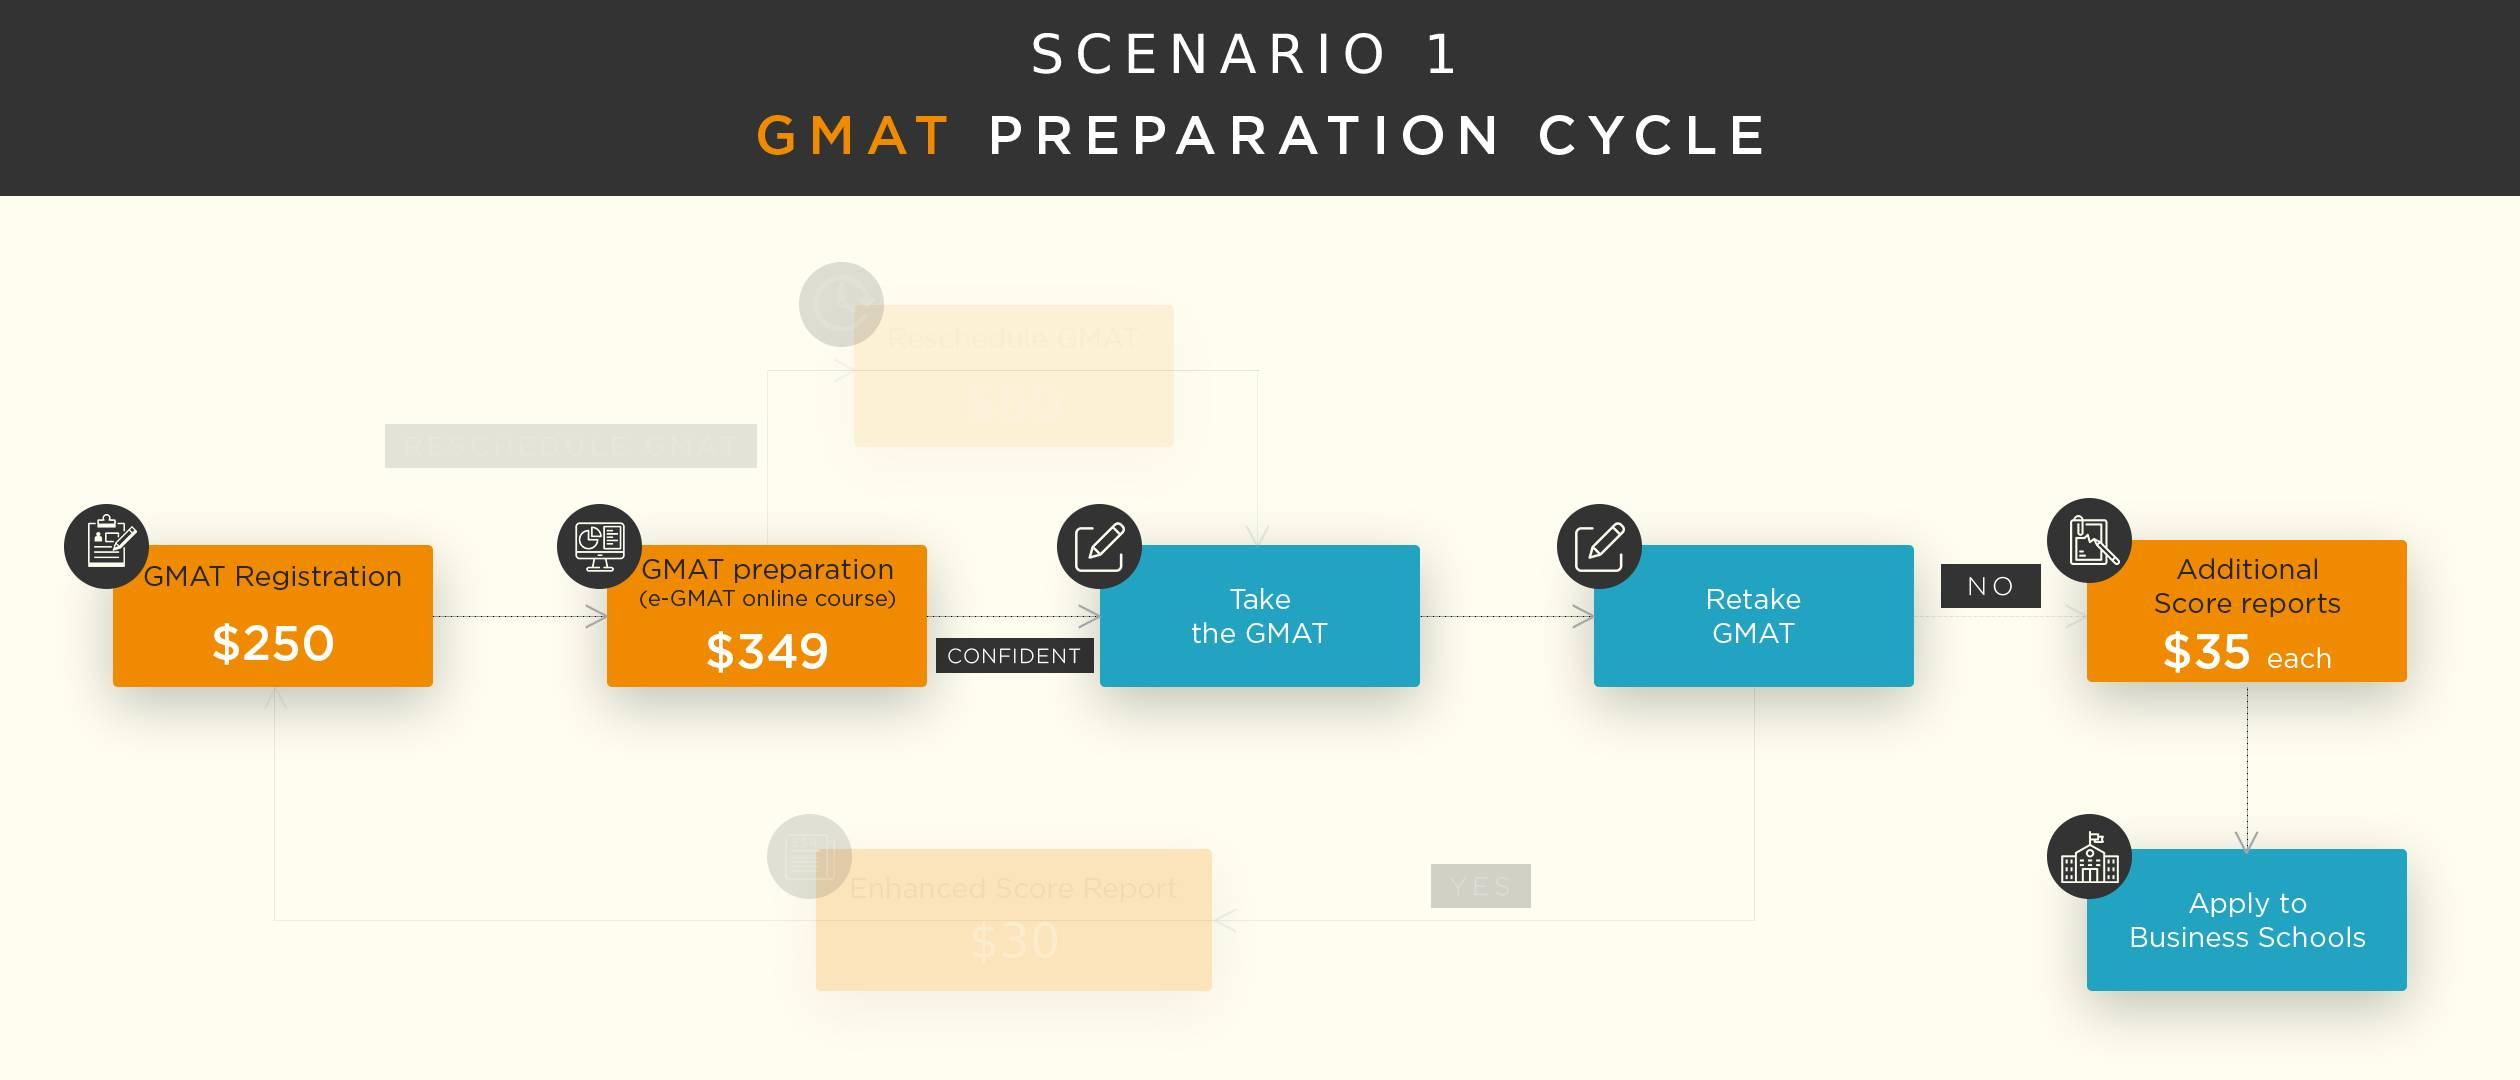 gmat-exam-fees-2020-preparation-cycle-1